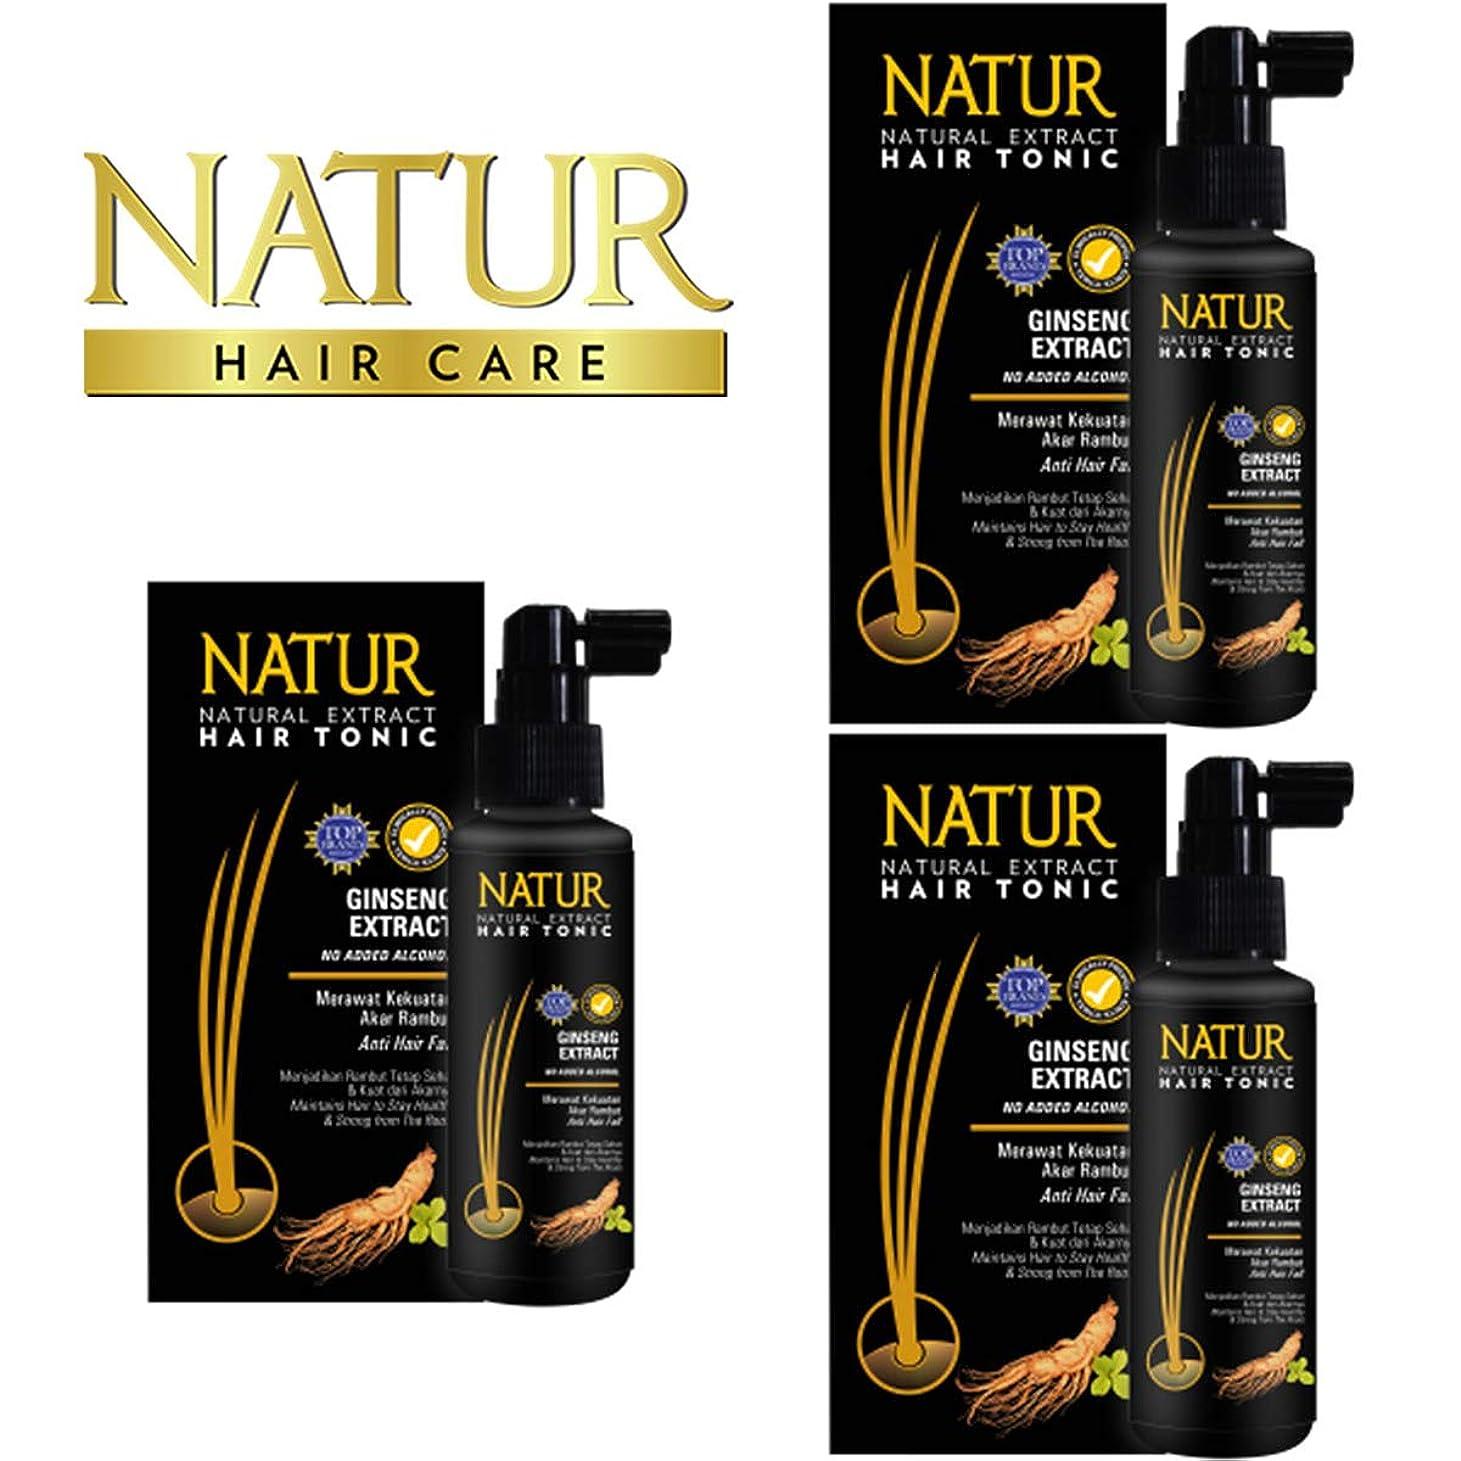 ペア流行している便宜NATUR ナトゥール 天然植物エキス配合 Hair Tonic ハーバルヘアトニック 90ml×3個セット Ginseng ジンセン [海外直商品]